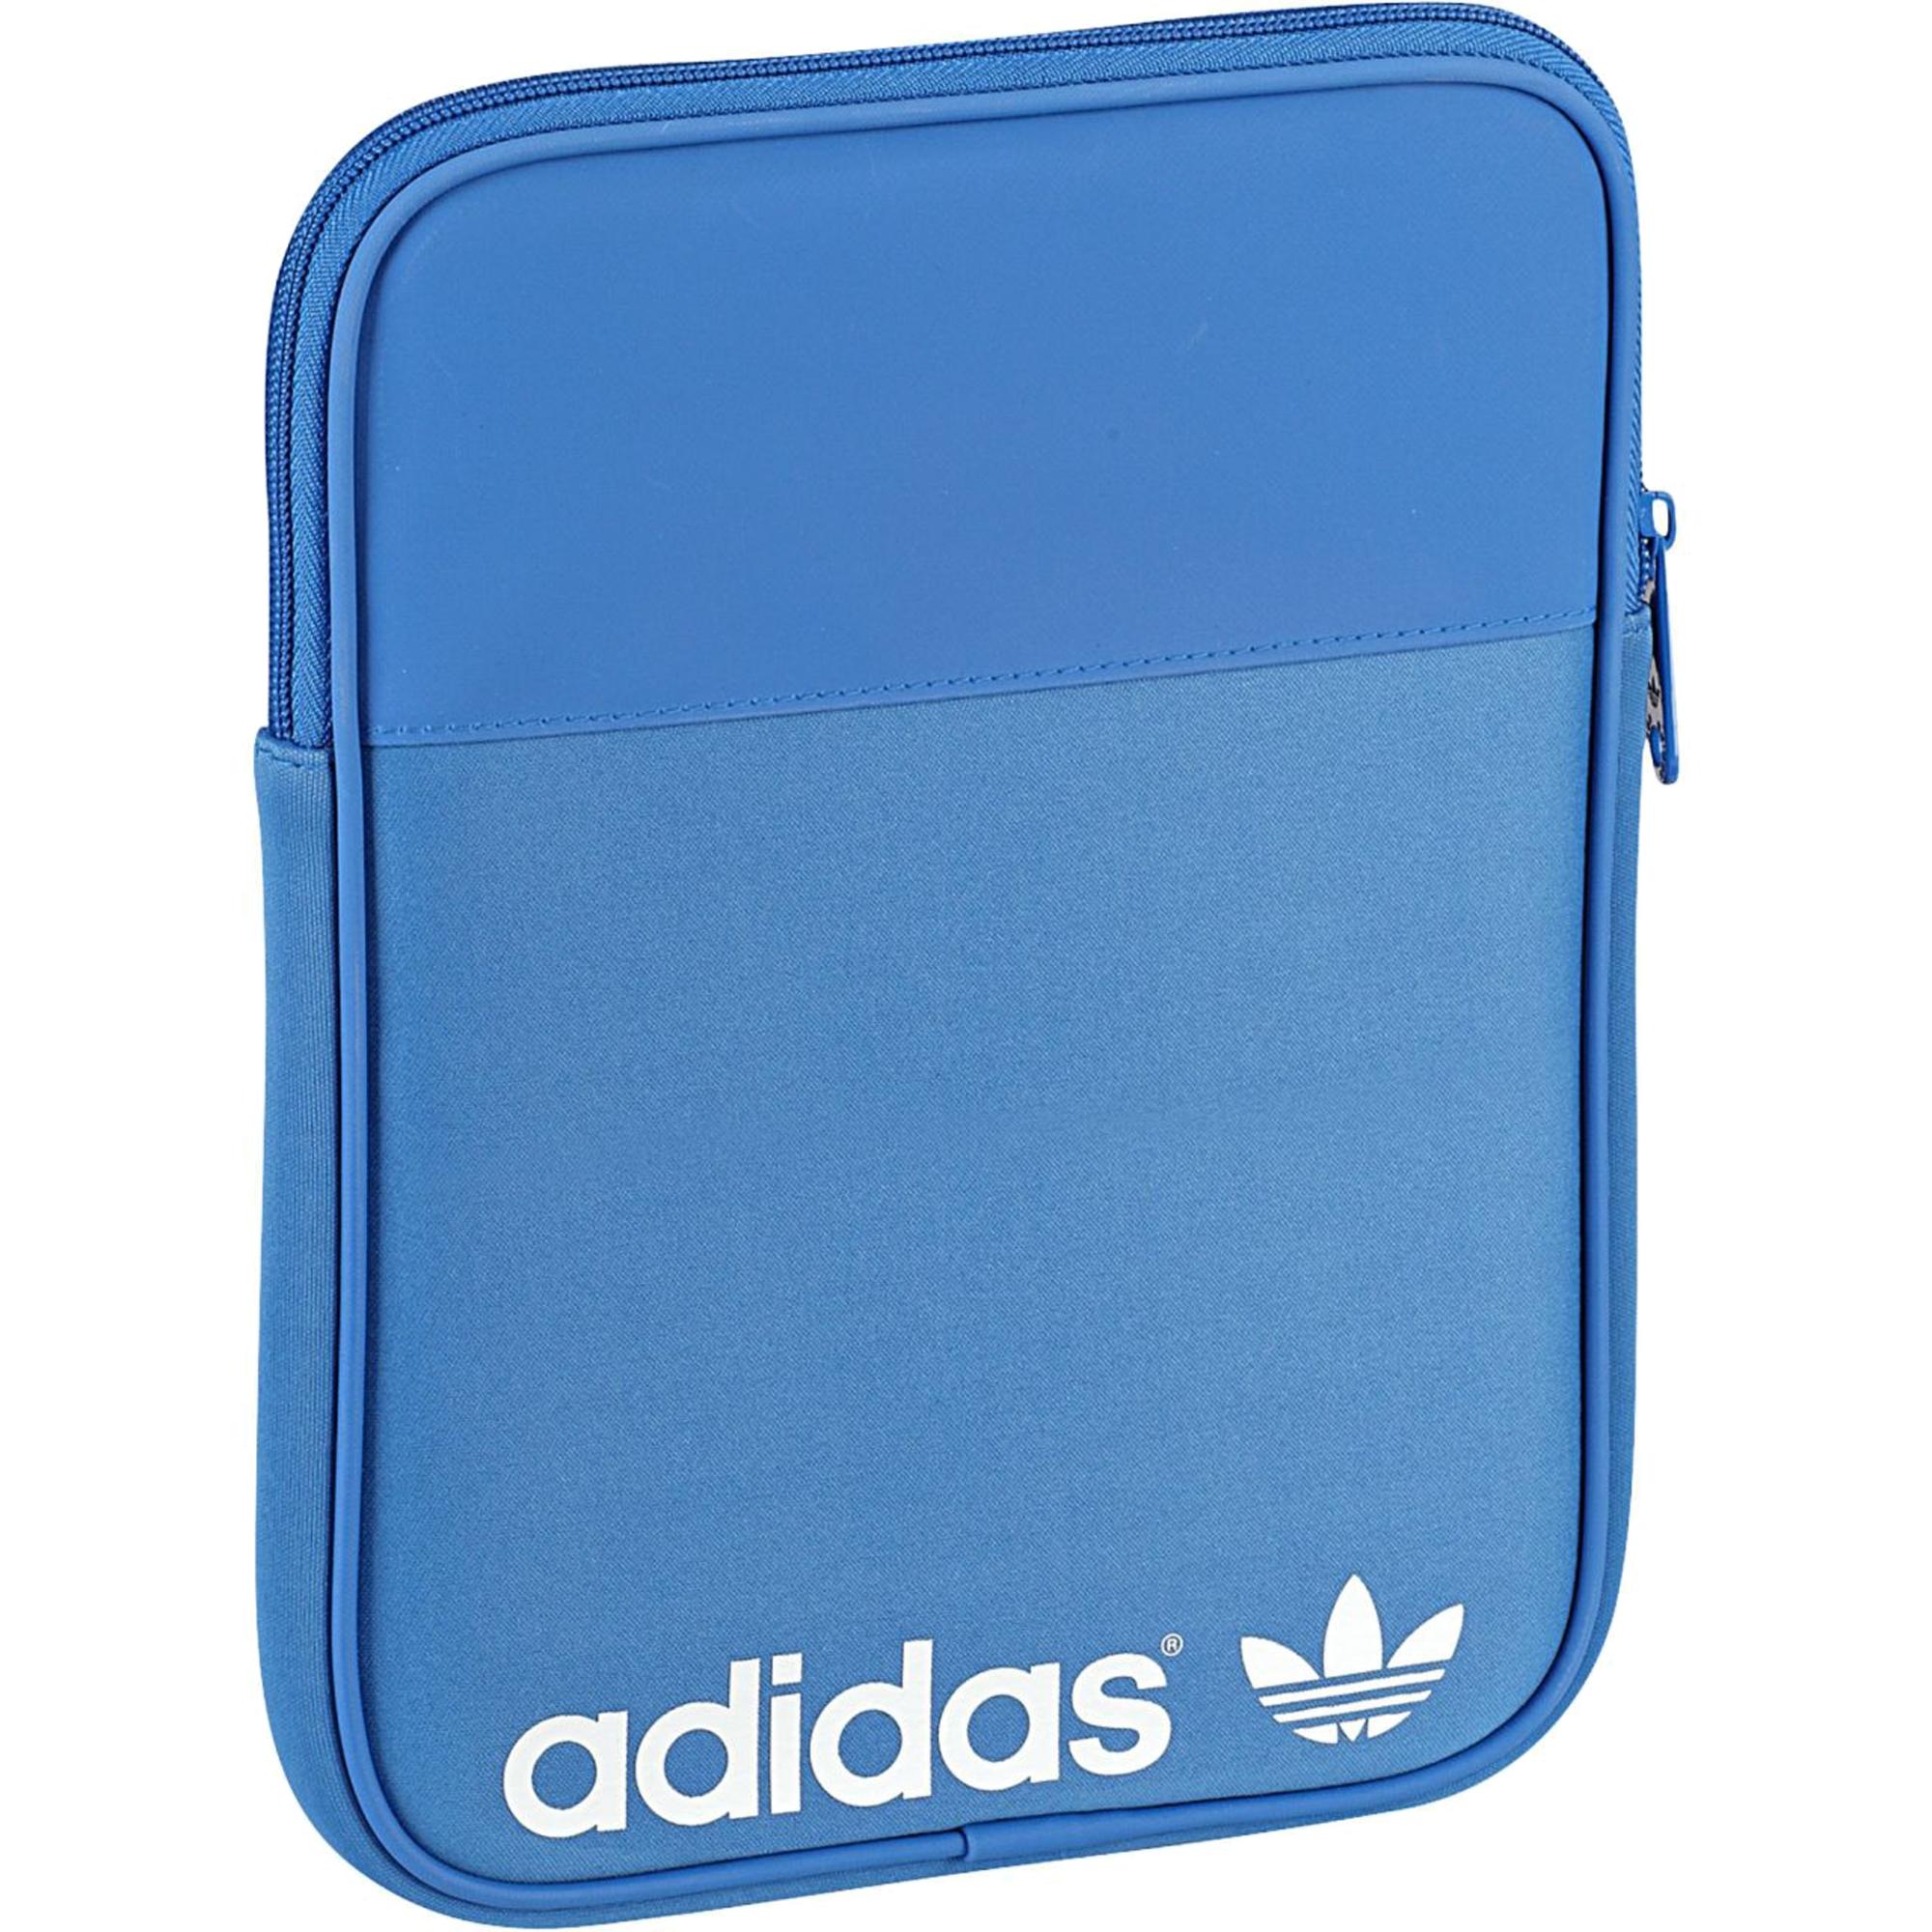 38a571311dd26 adidas Laptop Sleeve Basic Tablet Çanta #F79774 - Barcin.com